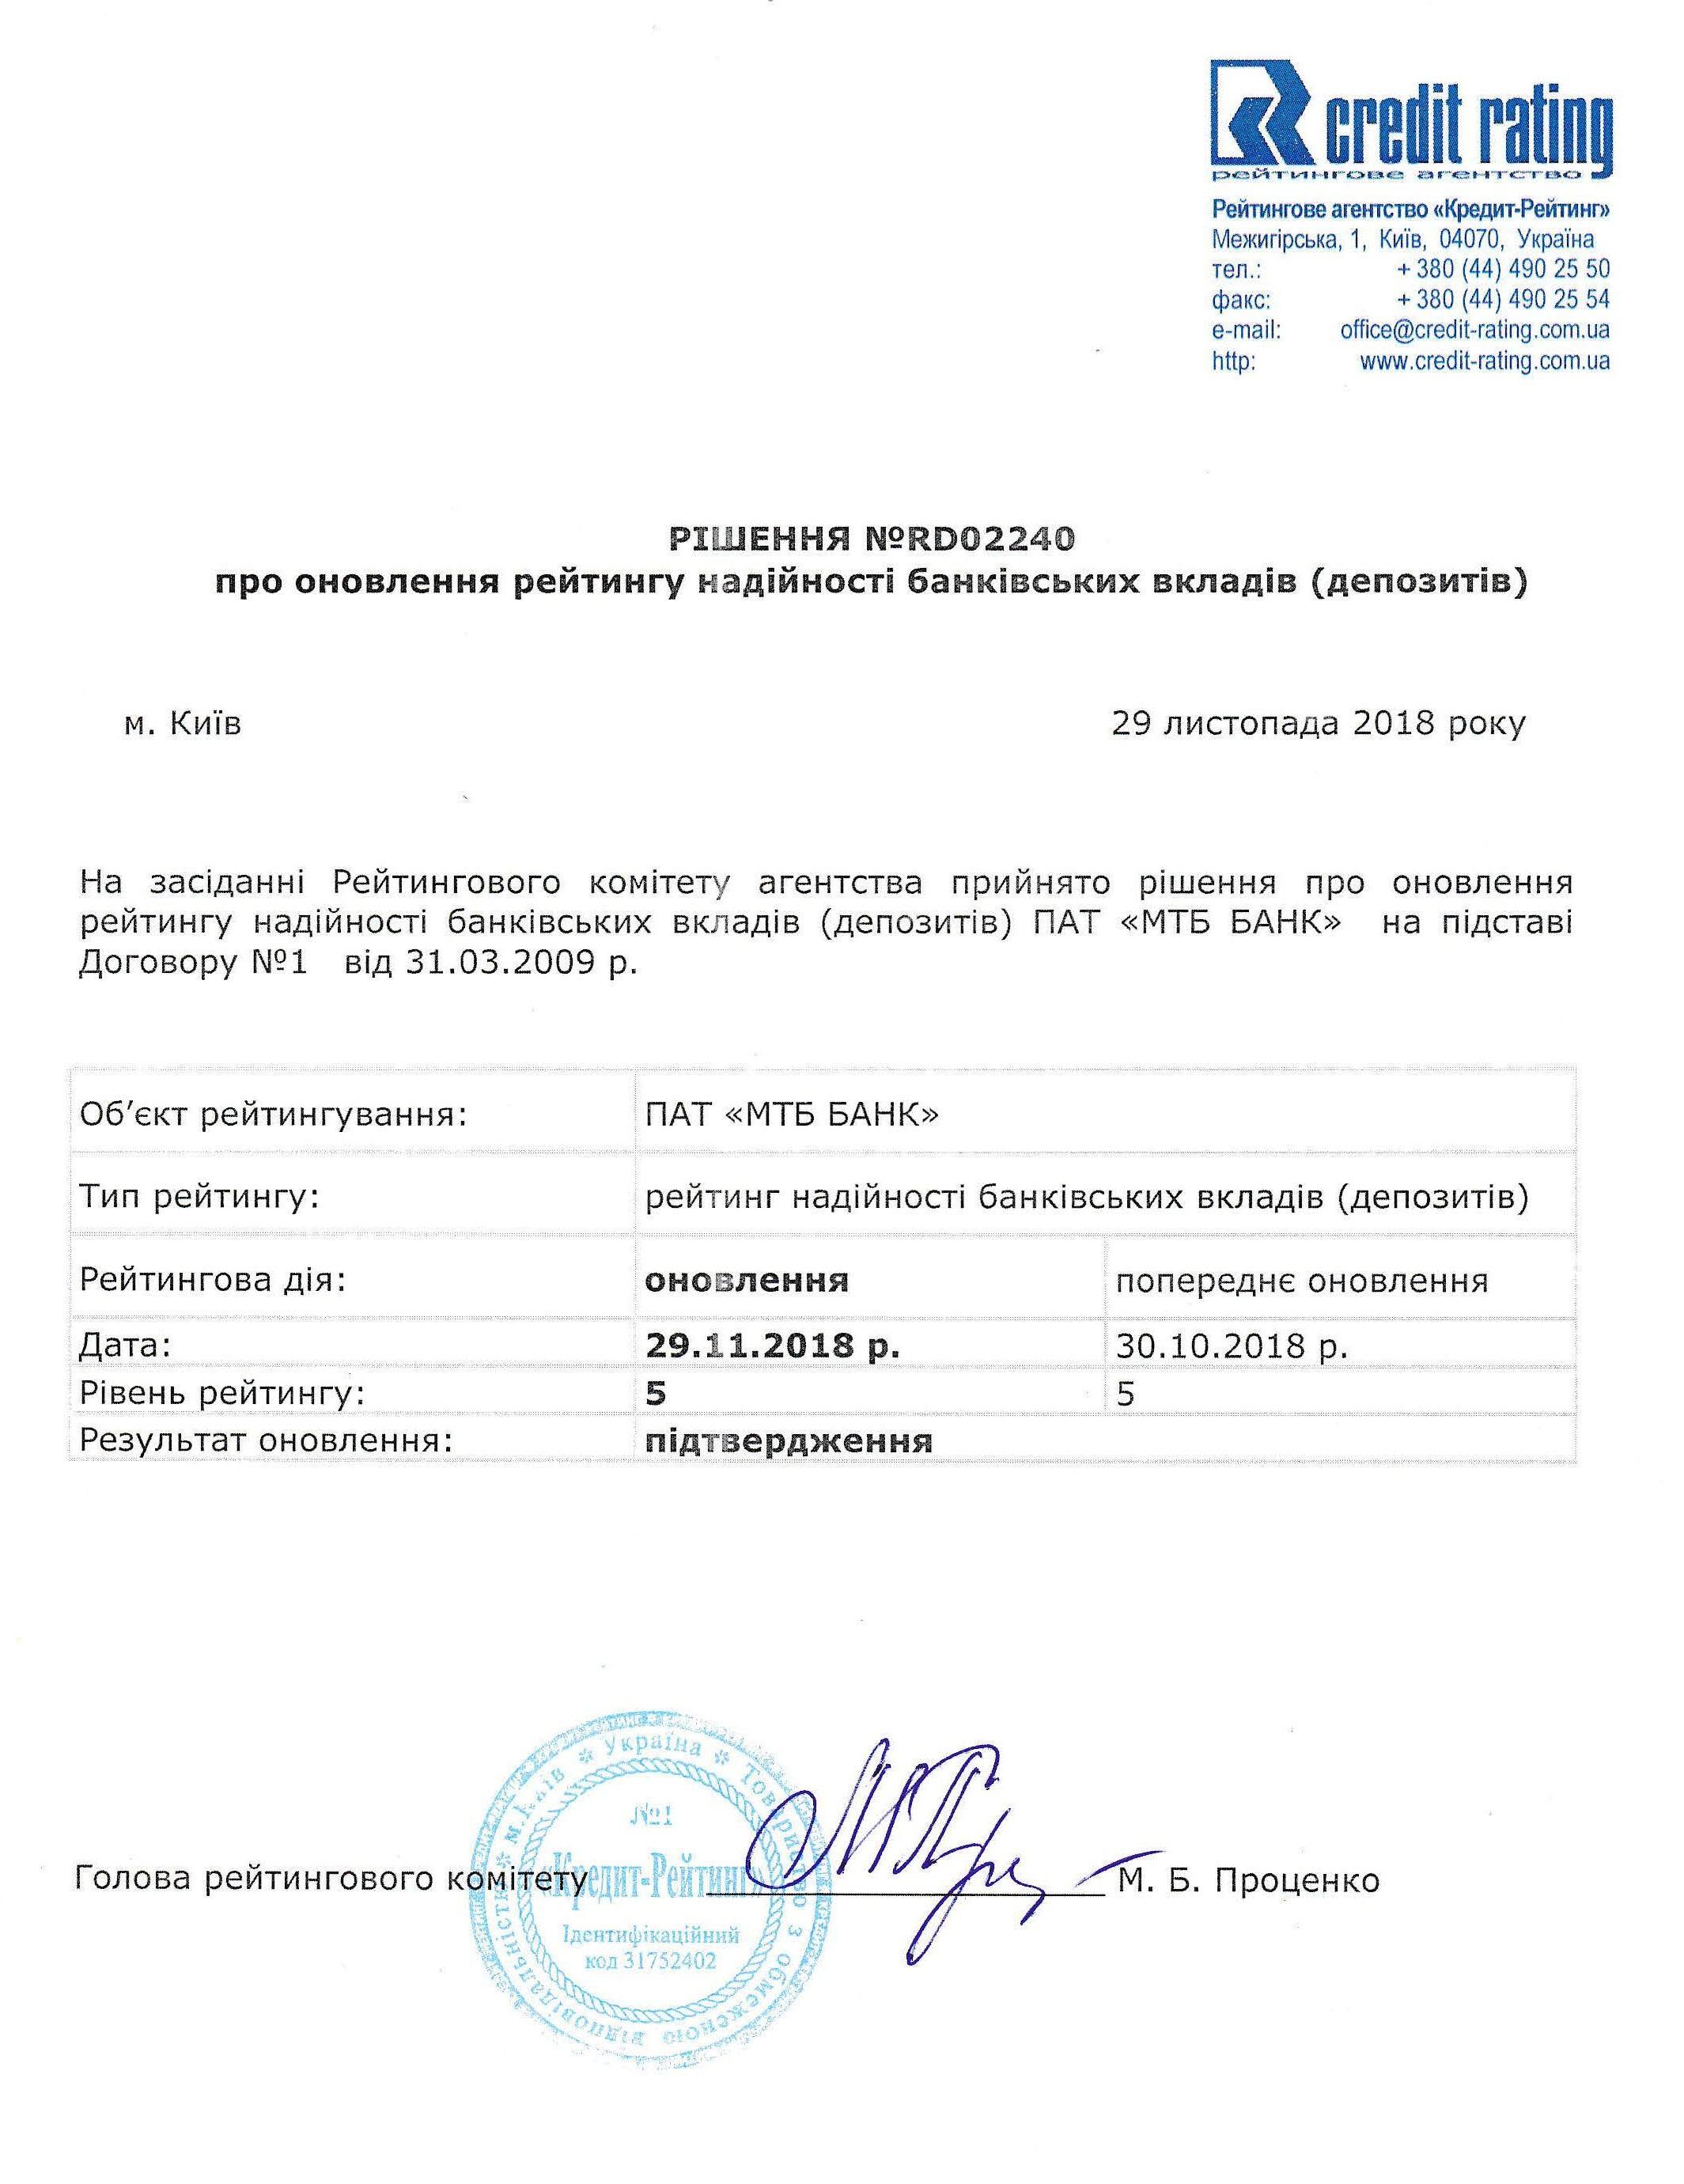 НАДЕЖНОСТЬ – НА НАИВЫСШЕМ УРОВНЕ! - фото 2 - mtb.ua